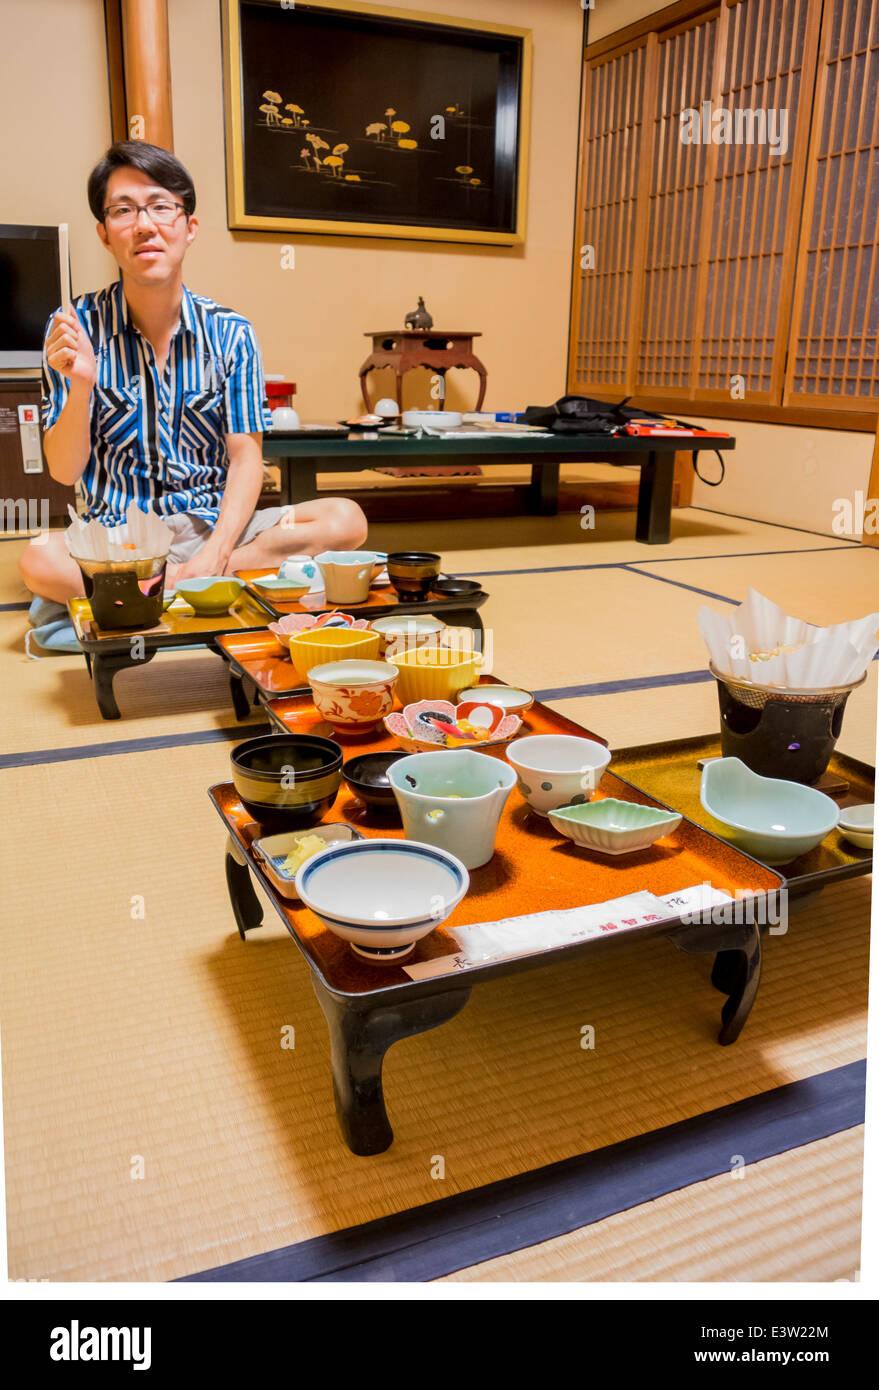 Japanese man at Ryokan, Koyasan, Japan - Stock Image